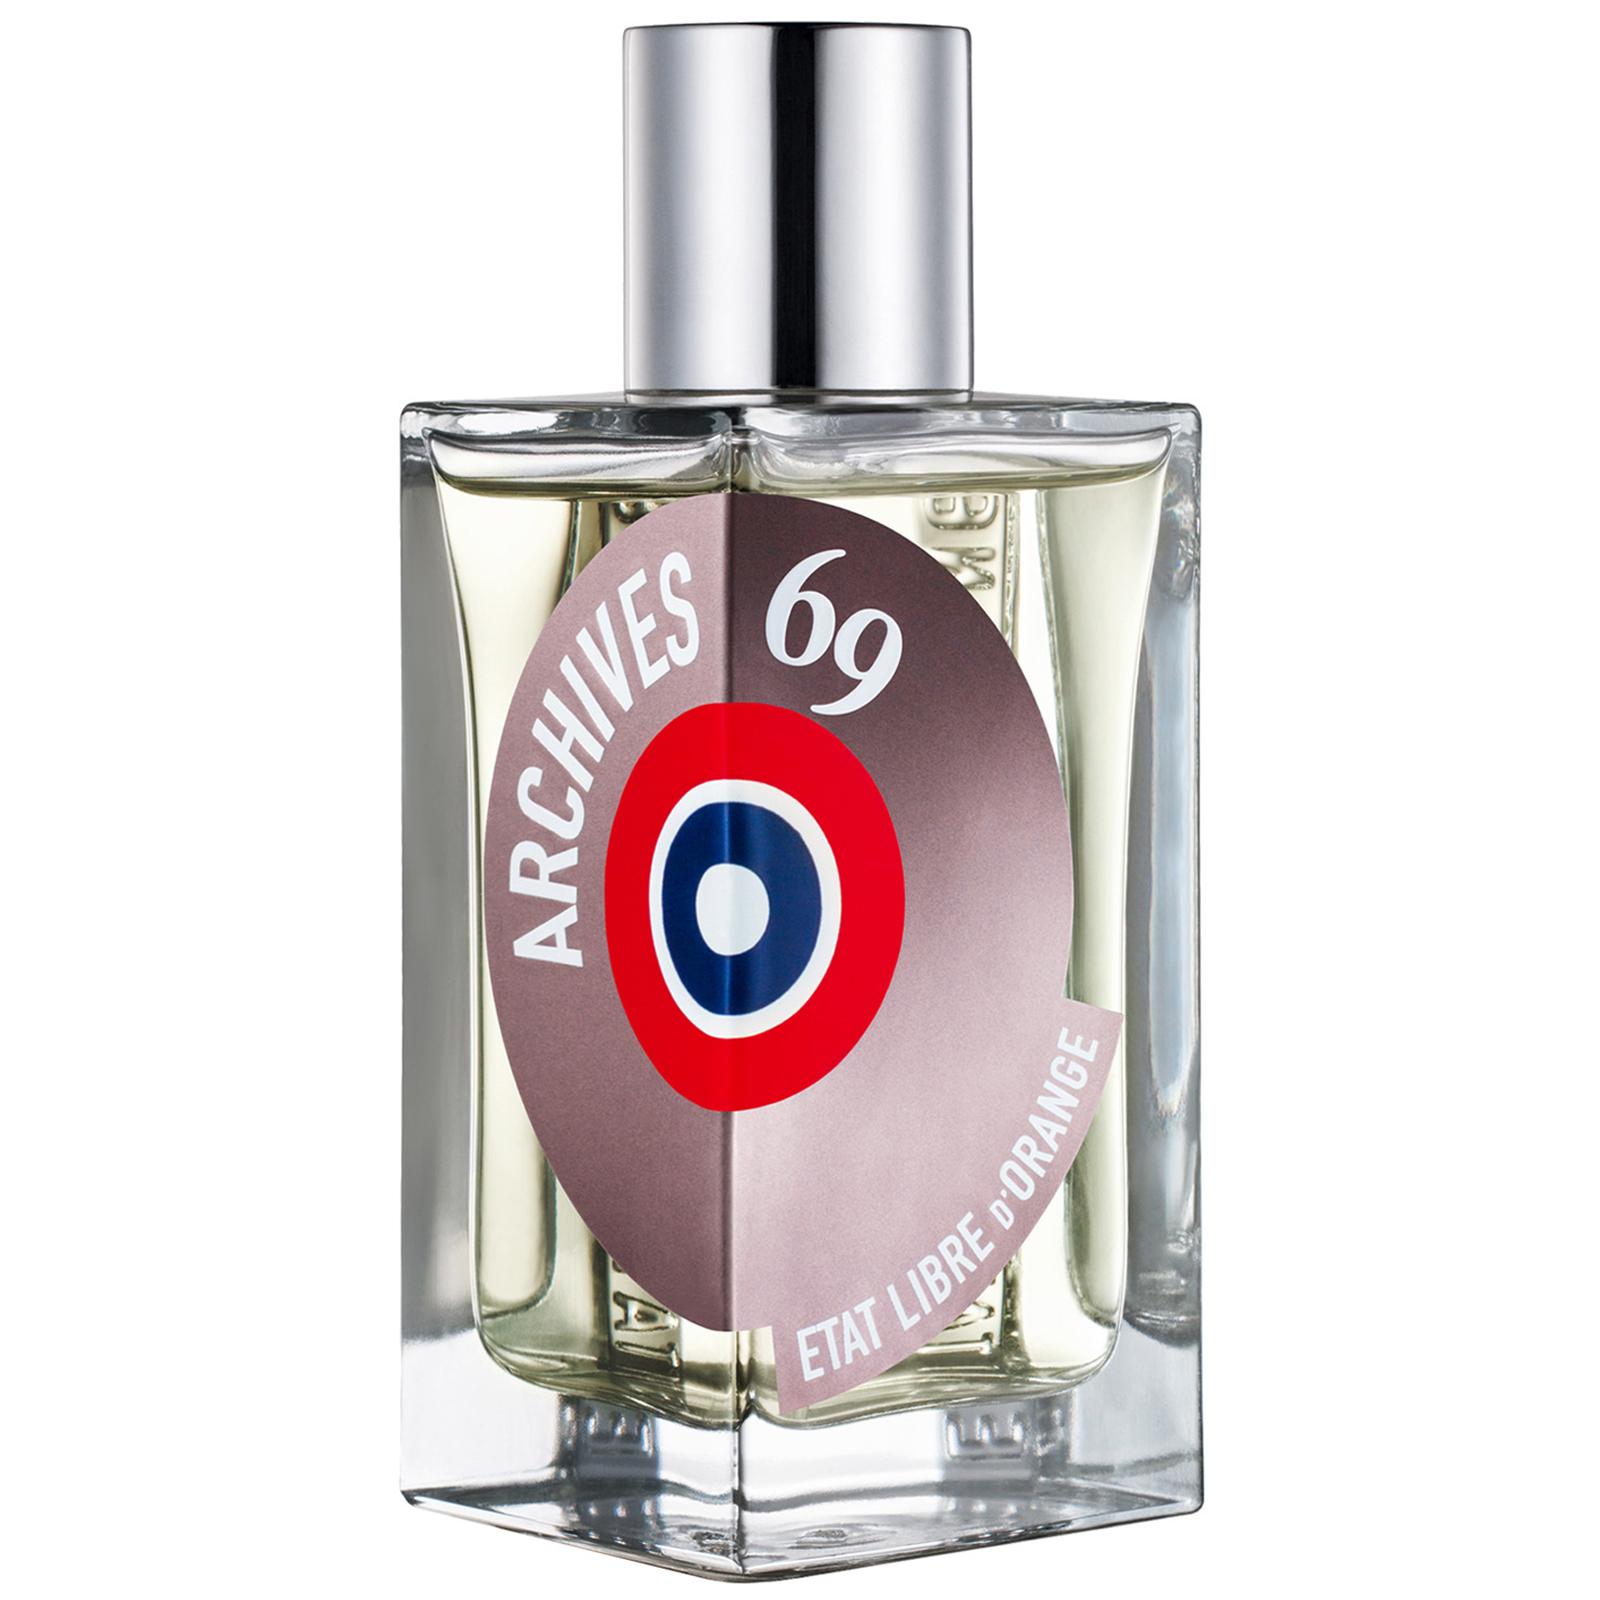 Archives 69 profumo eau de parfum 100 ml